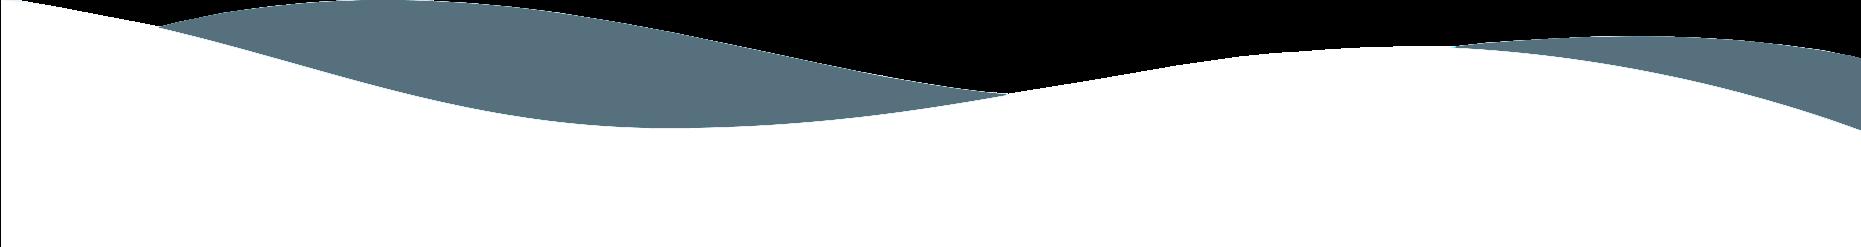 slider shape